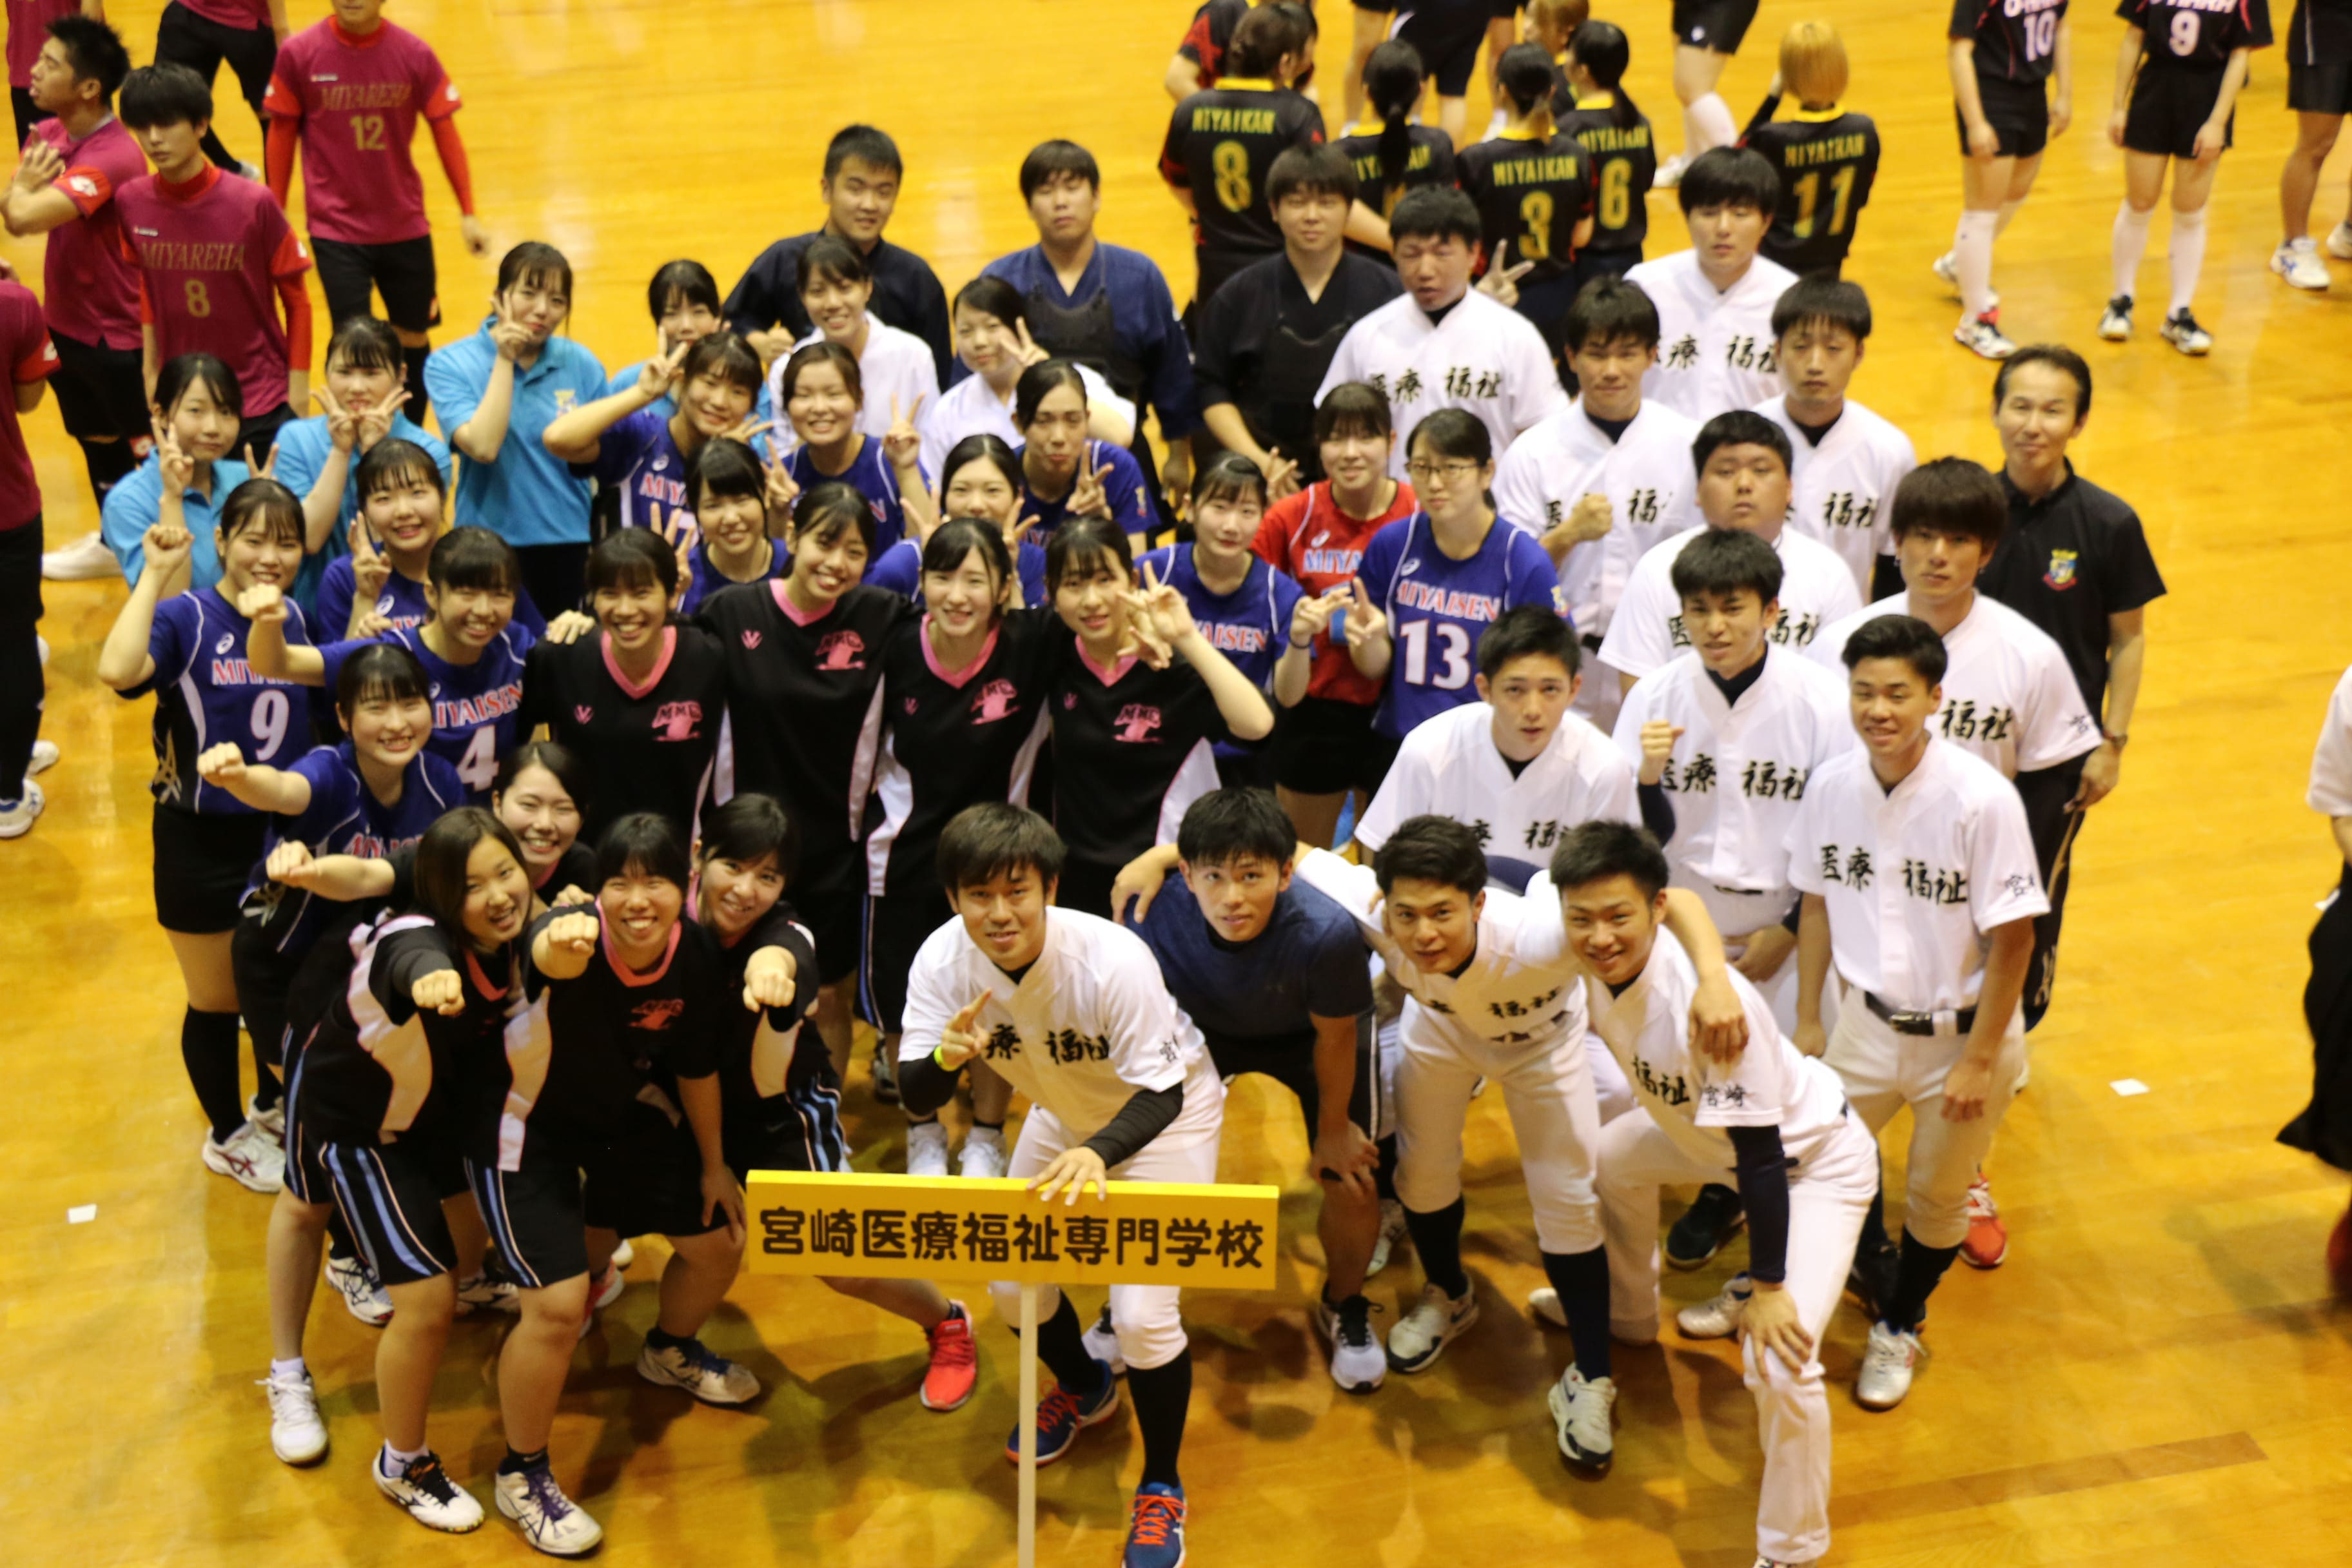 専各スポーツ大会